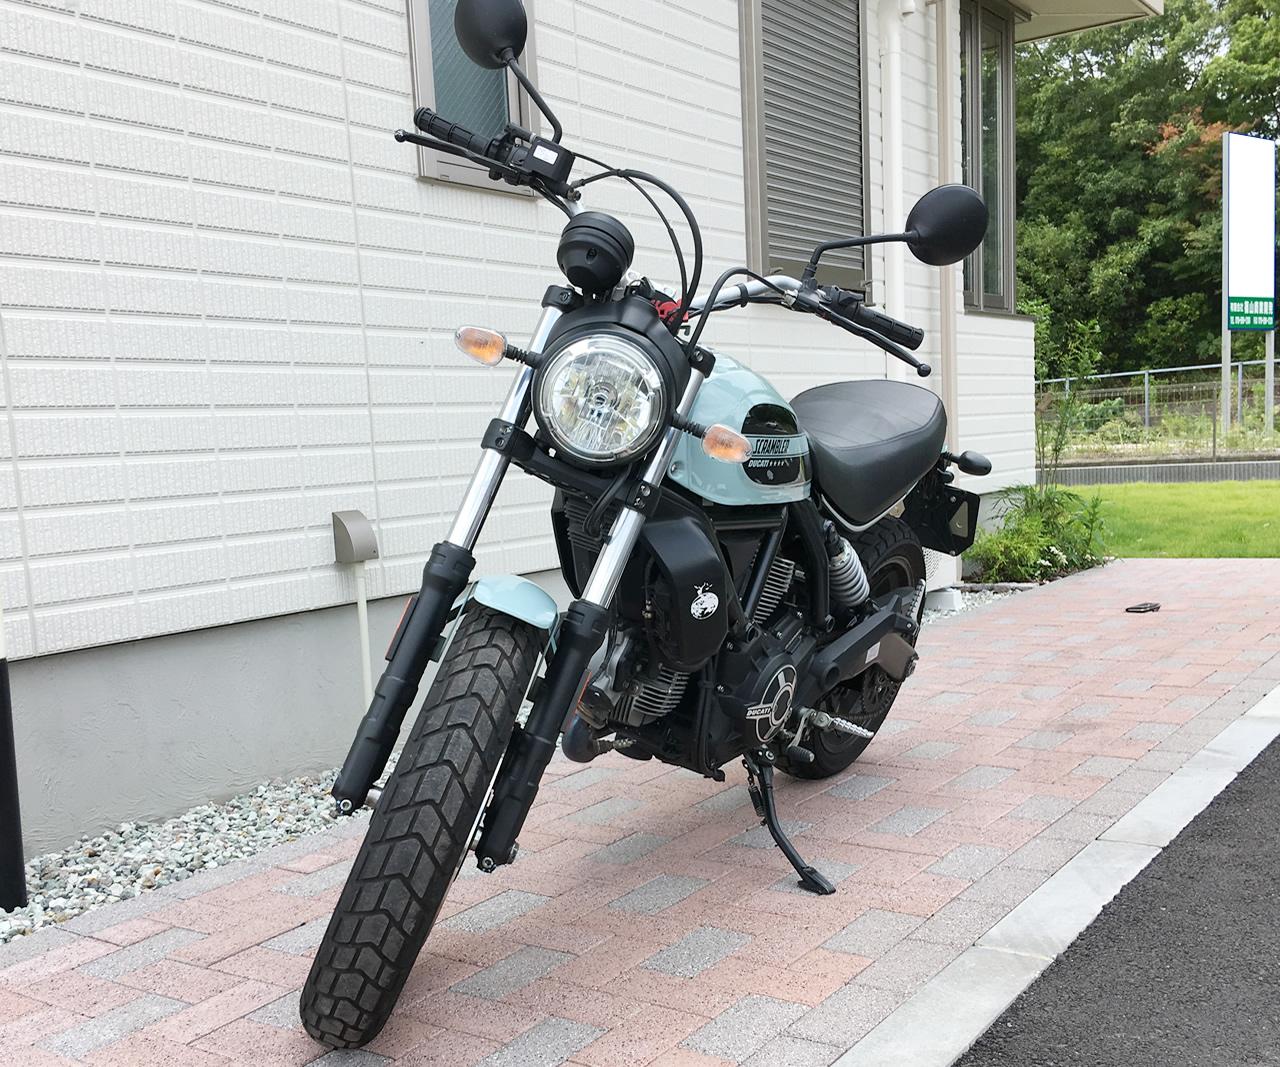 ドゥカティ・スクランブラーsixty2(400cc)のフロントフェイスから